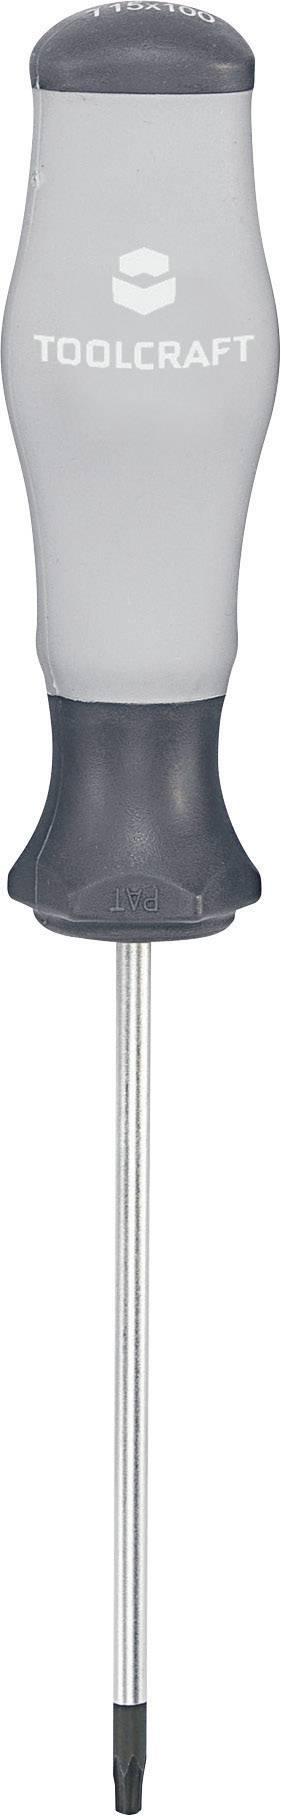 Šroubovák Torx dílna TOOLCRAFT 820726, T 15 x 100 mm,